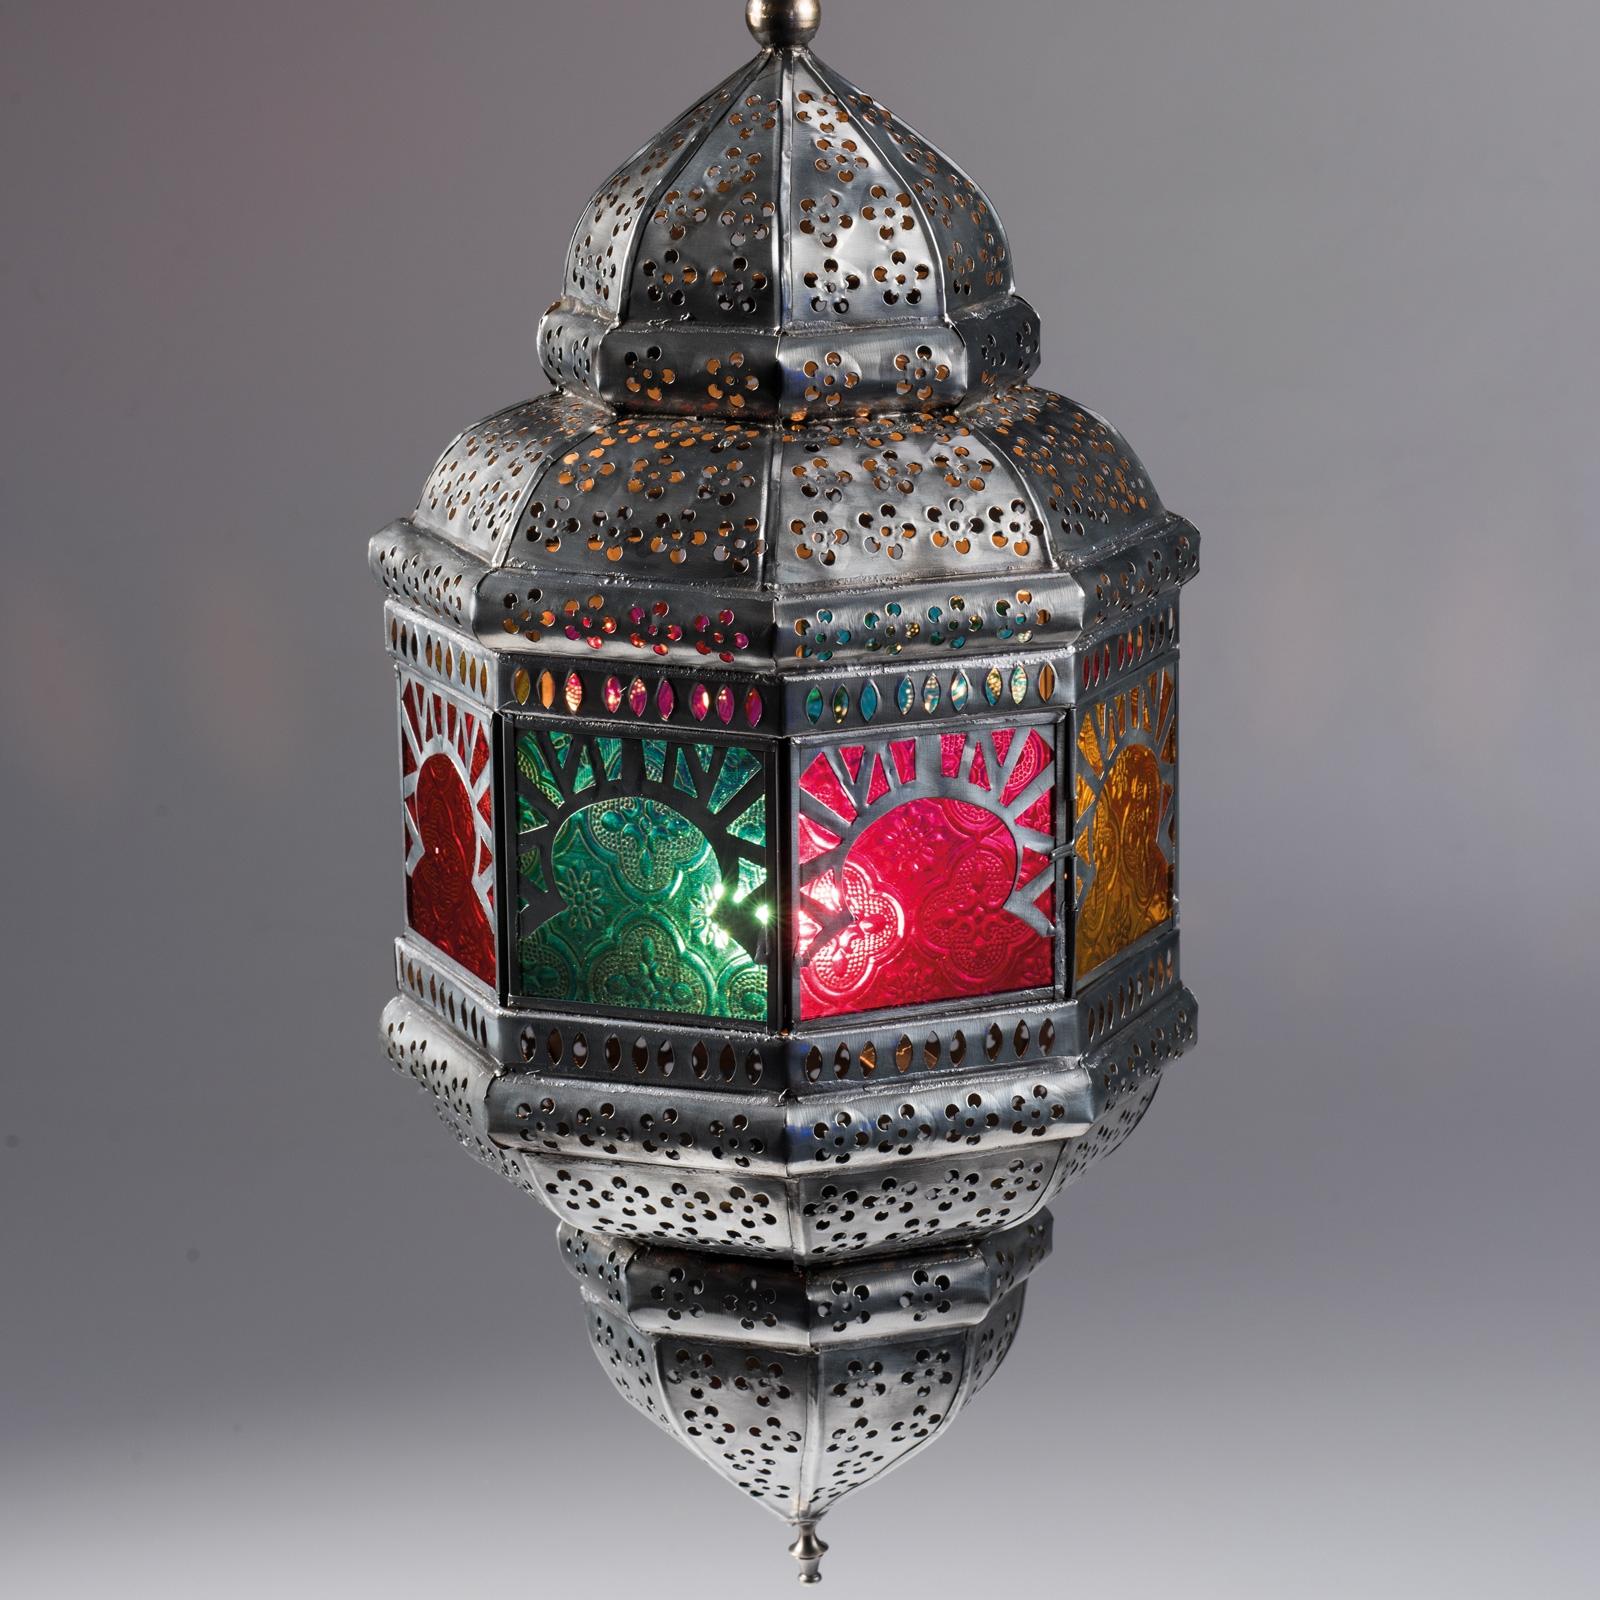 Large Colourful Hanging Lantern